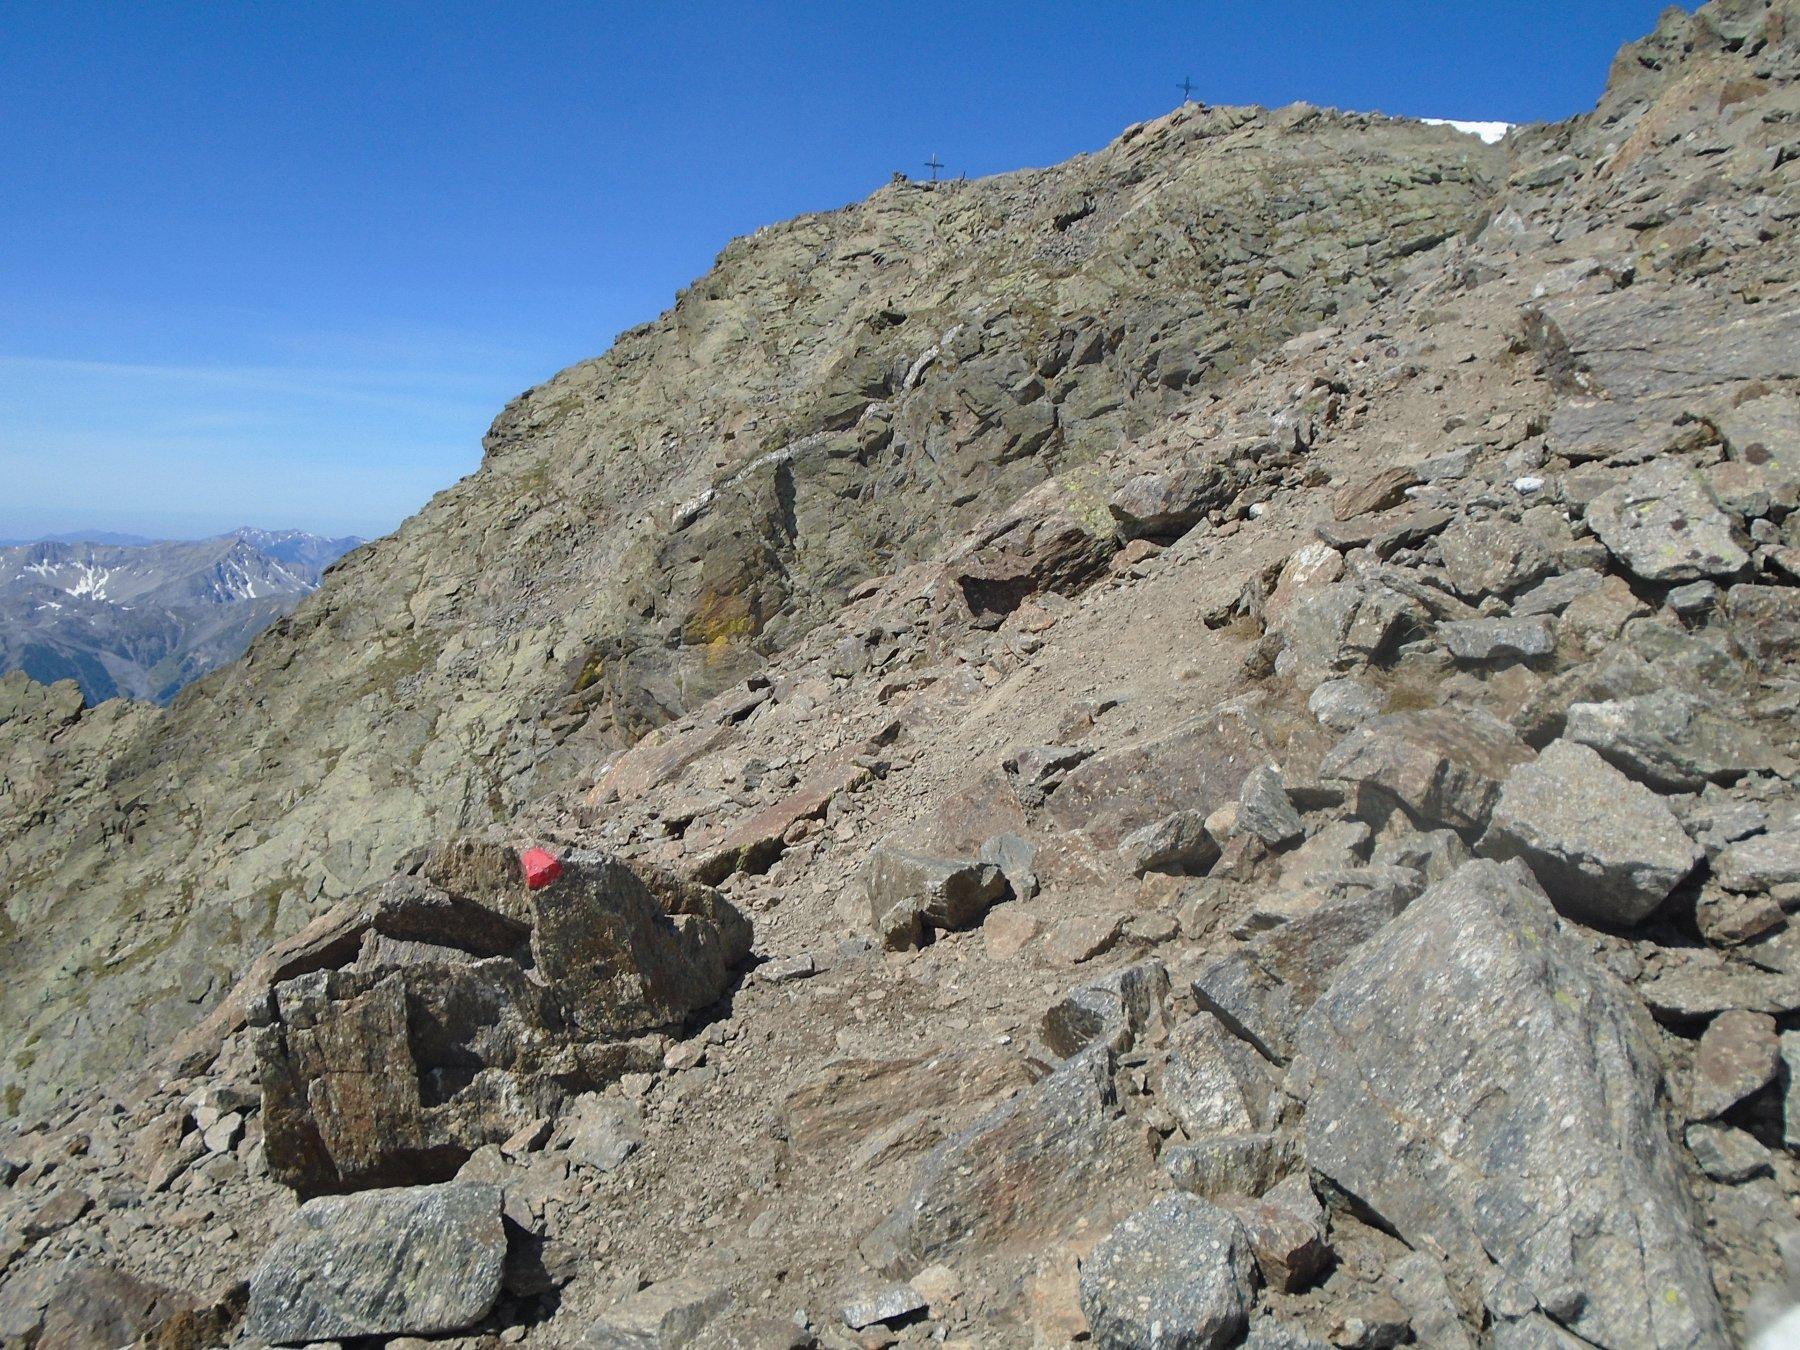 Breve tratto rimanente di cresta per la vetta